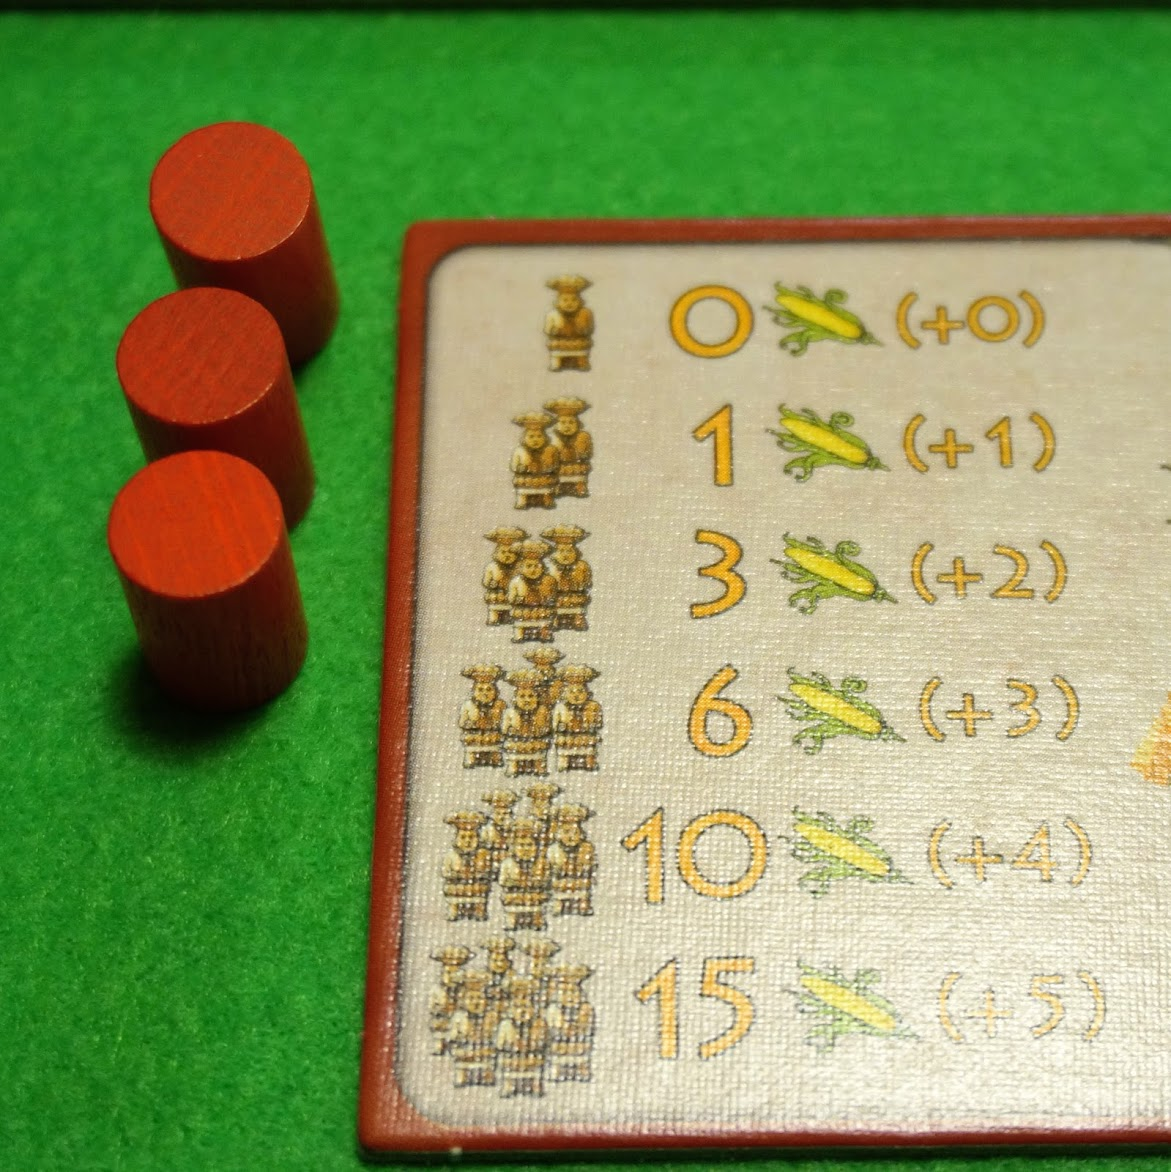 ツォルキン:マヤ神聖歴:ワーカー駒の配置